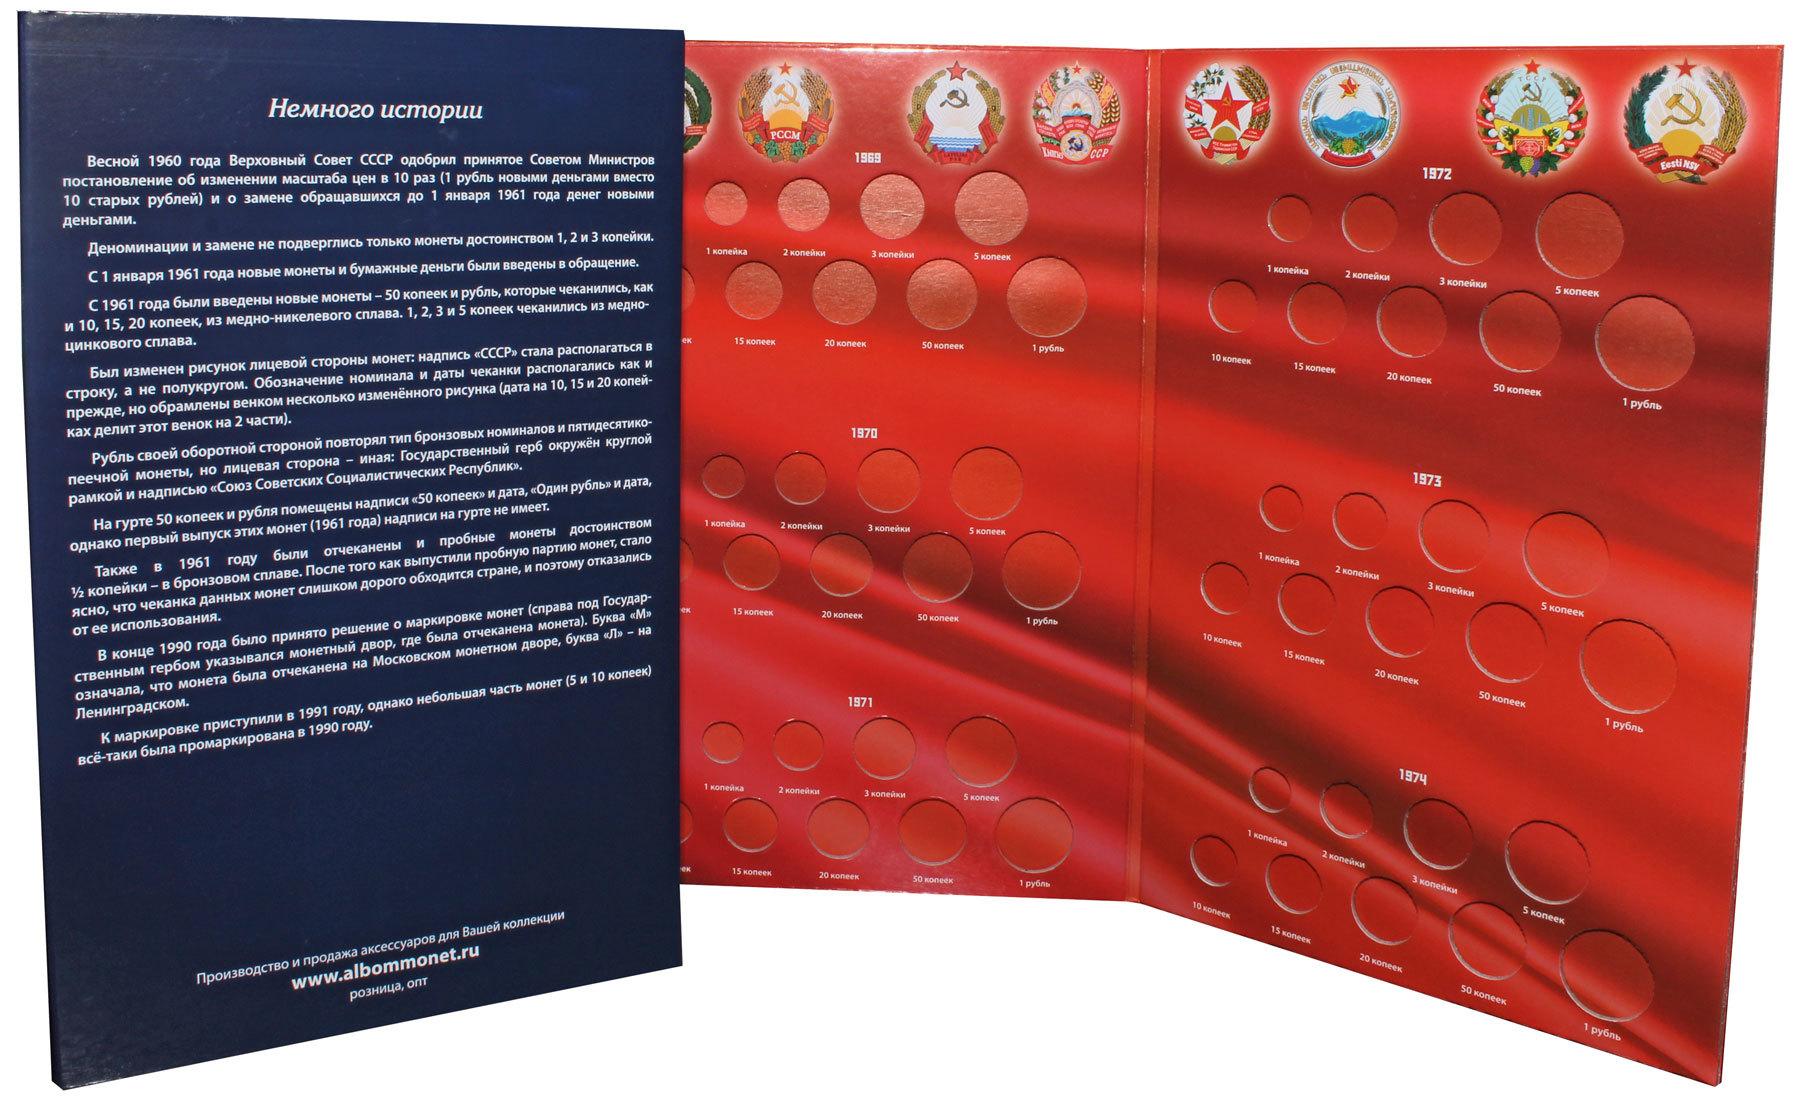 Комплект альбомов для хранения монет СССР регулярного выпуска  с 1961 по 1991 год. 3 тома